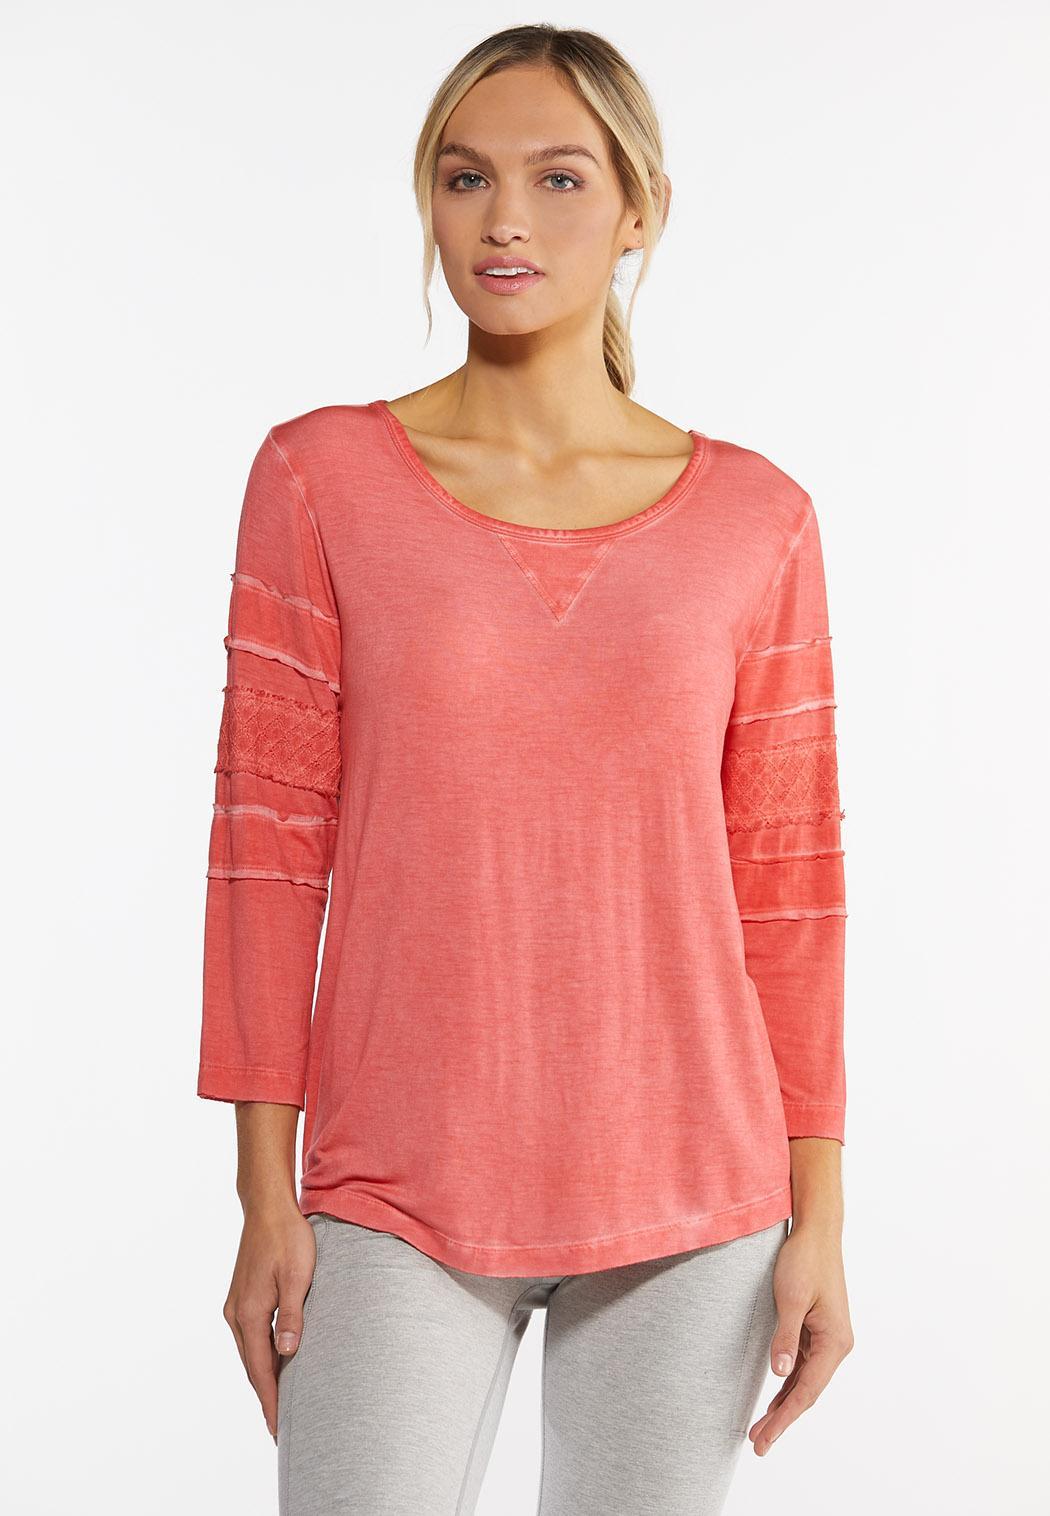 Orange Crochet Sleeve Top